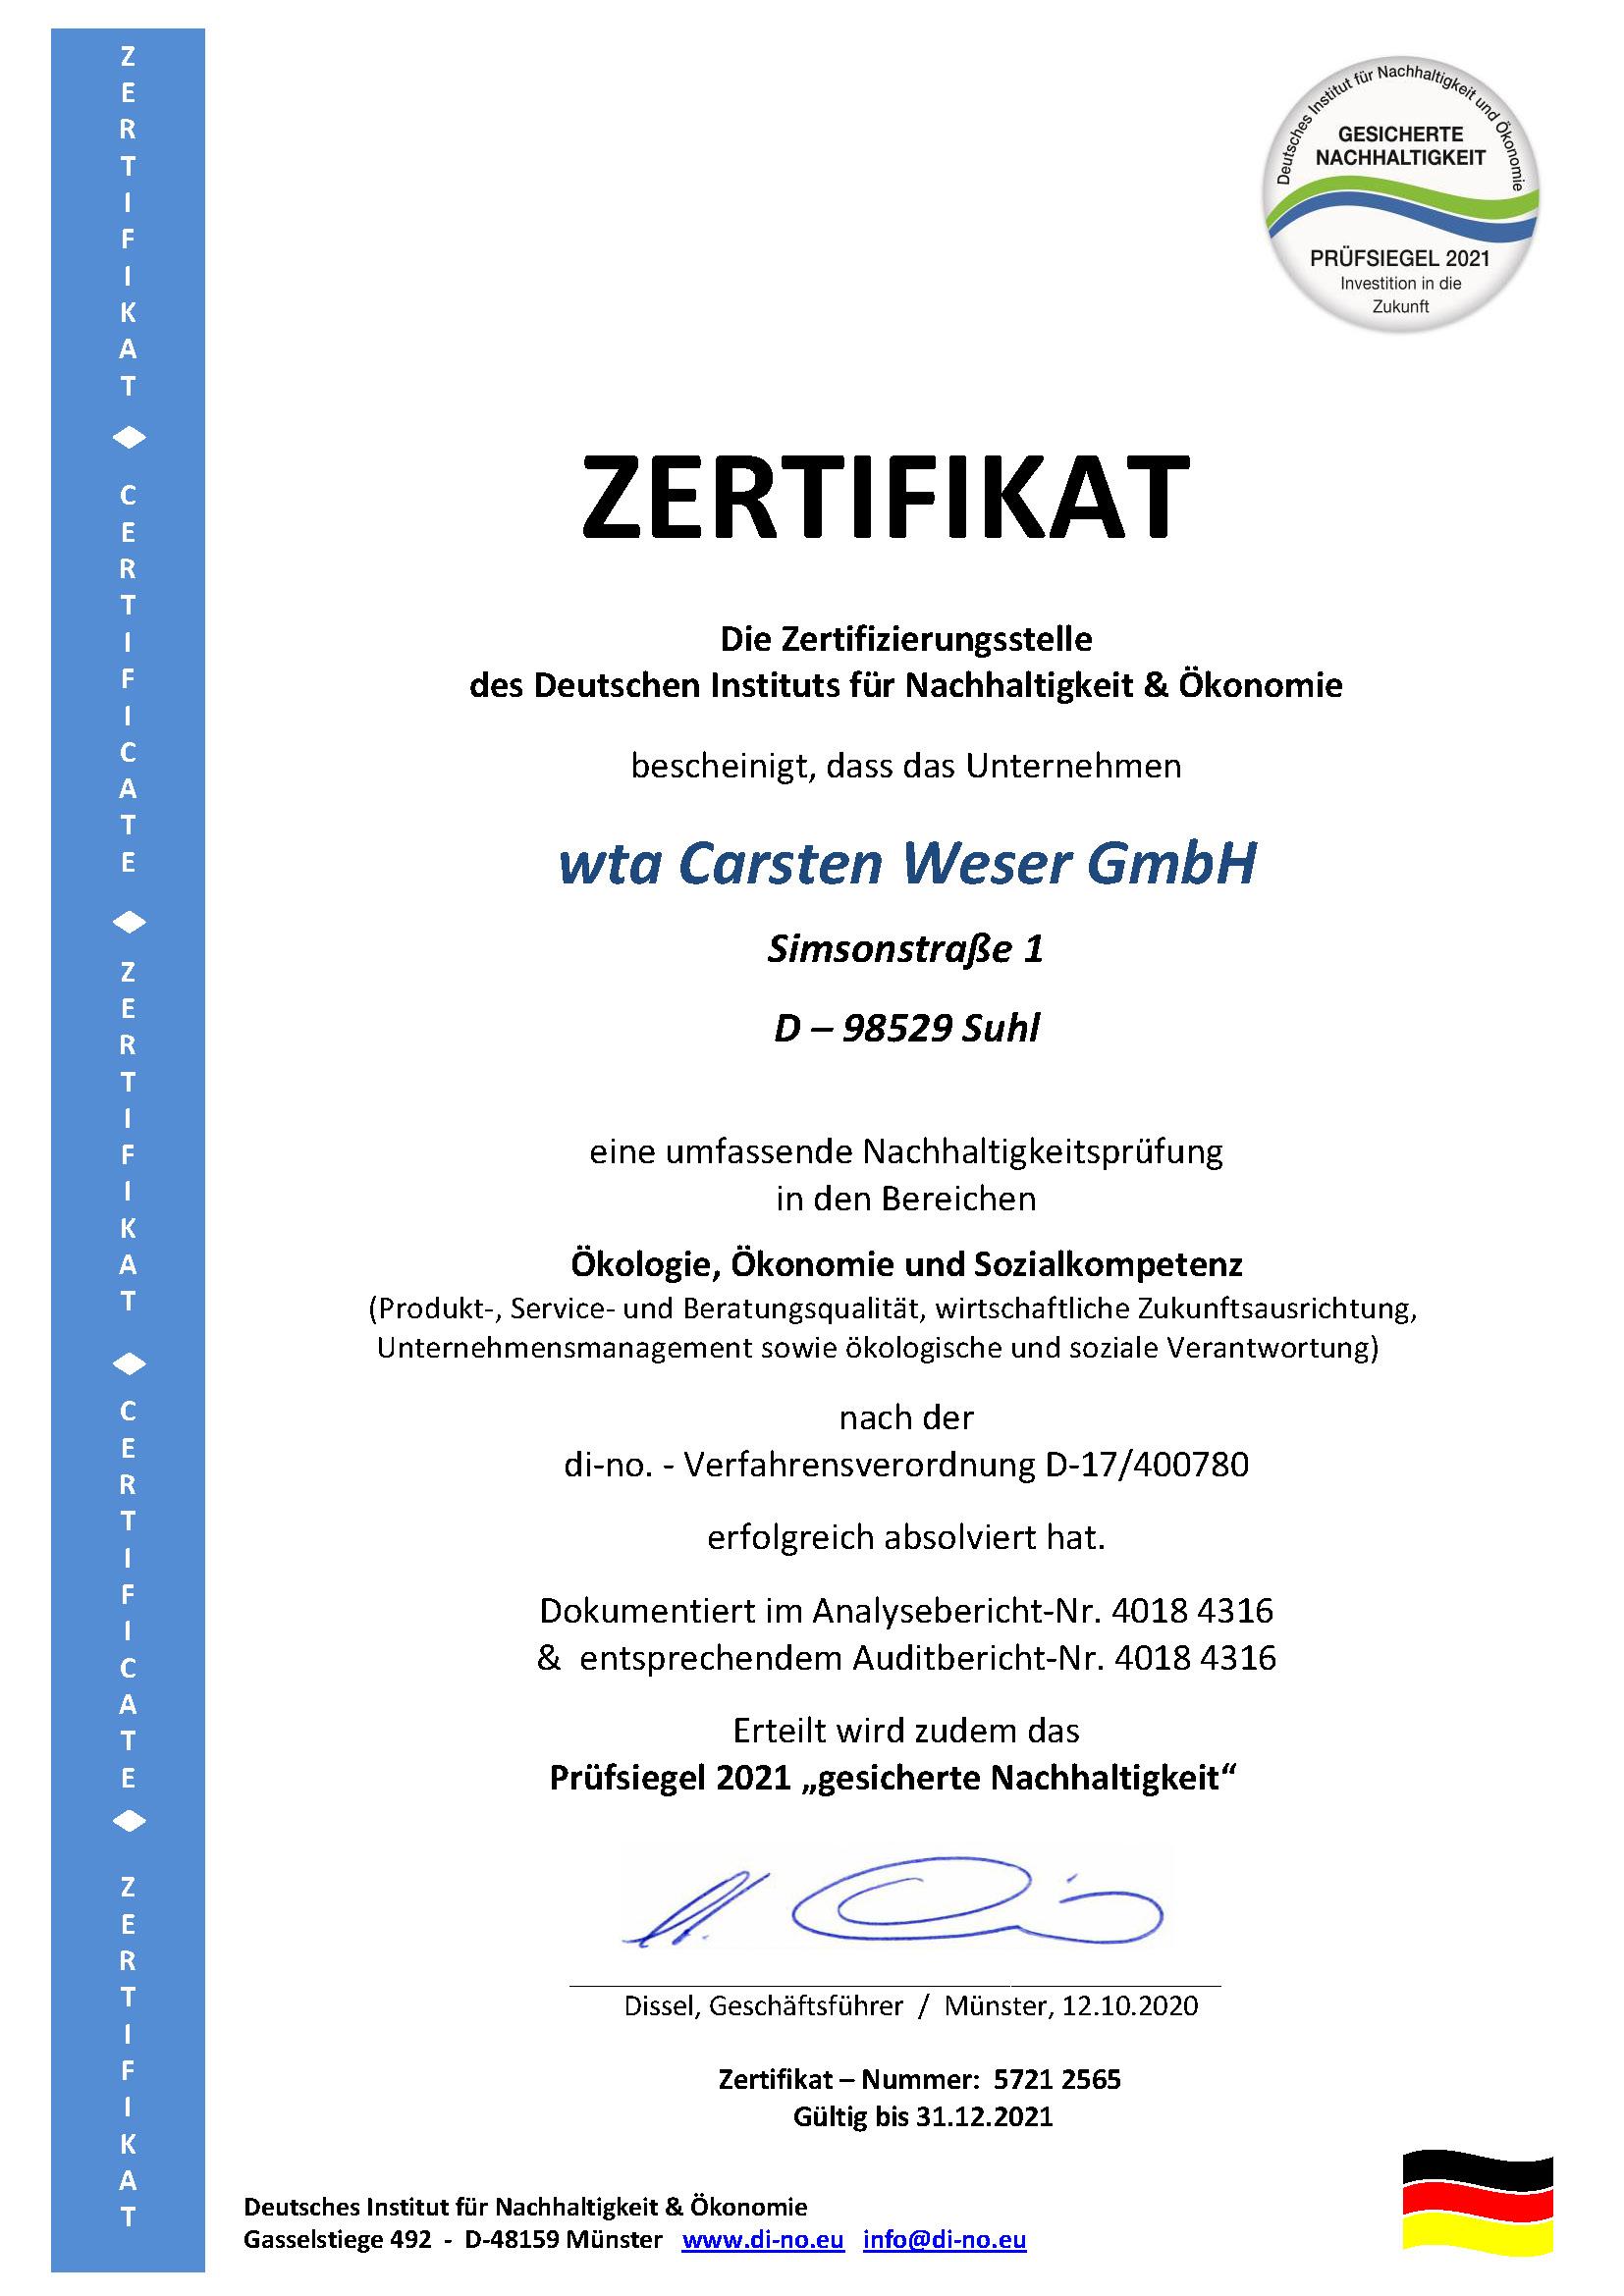 Logo Zertifikat der wta Suhl über eine Nachhaltigkeitsprüfung in den Bereichen Ökologie, Ökonomie und Sozialkompetenz